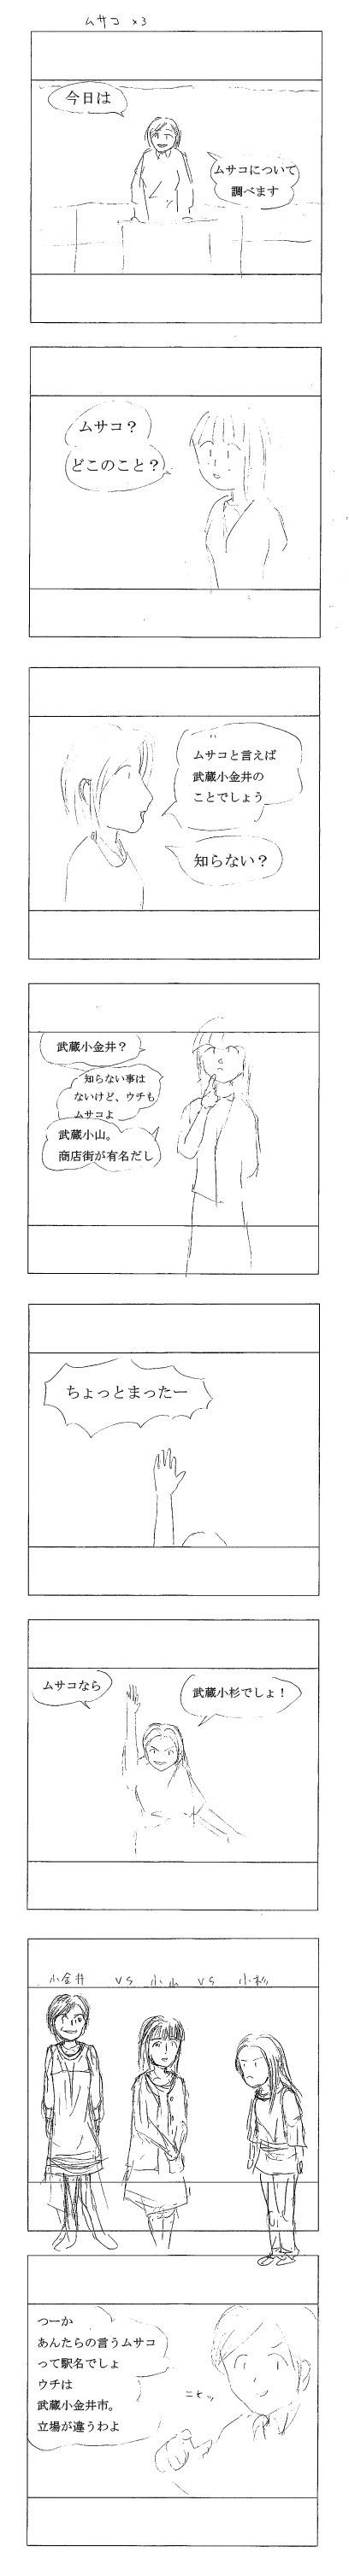 ムサコムサコムサコ-1